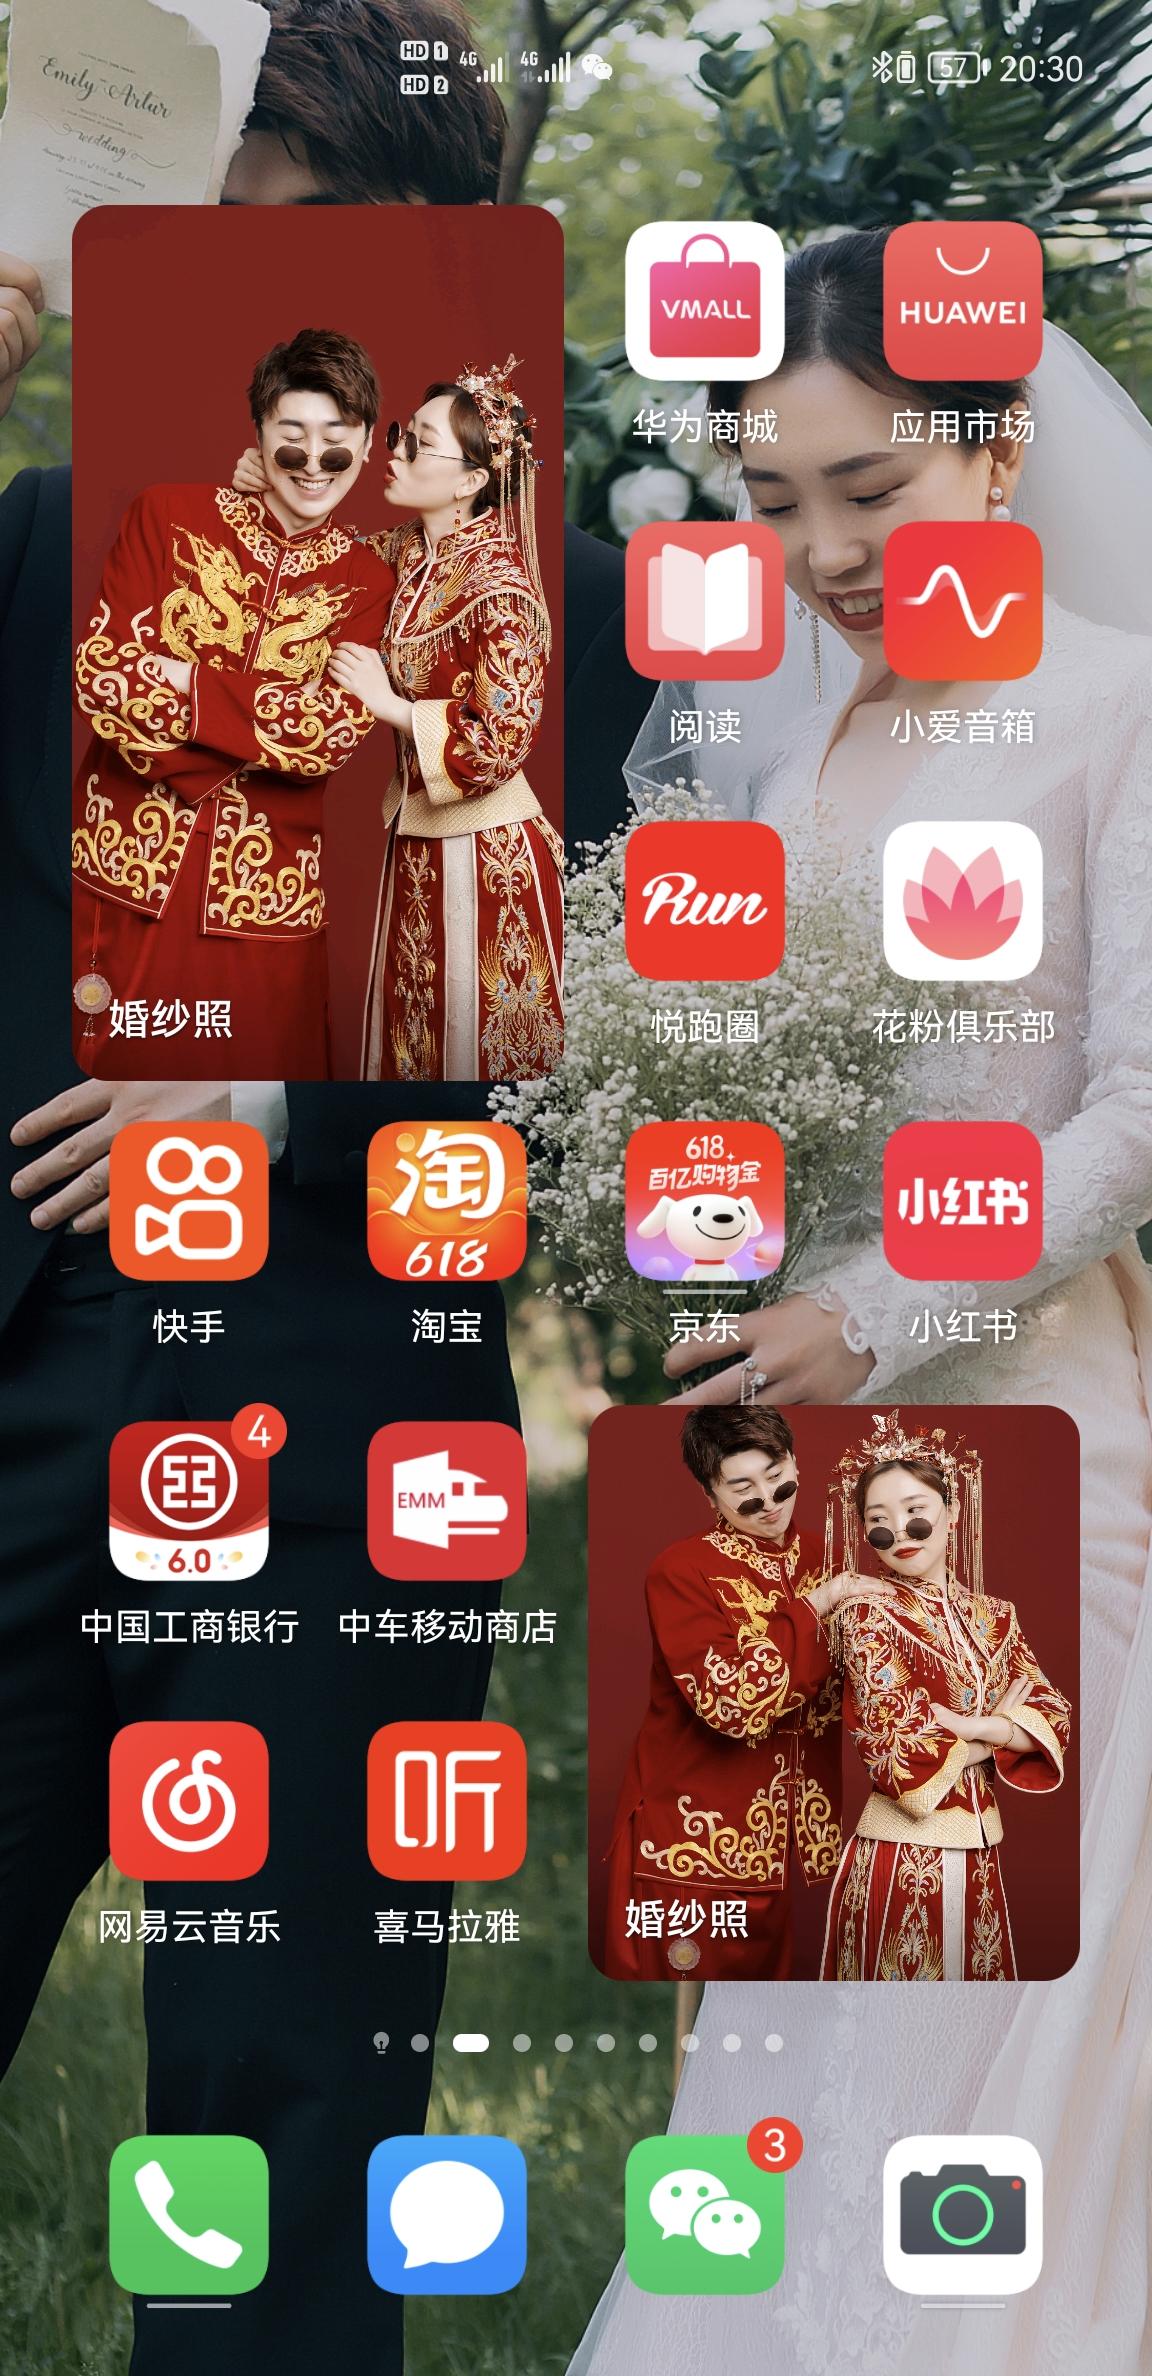 Screenshot_20210618_203017_com.huawei.android.launcher.jpg